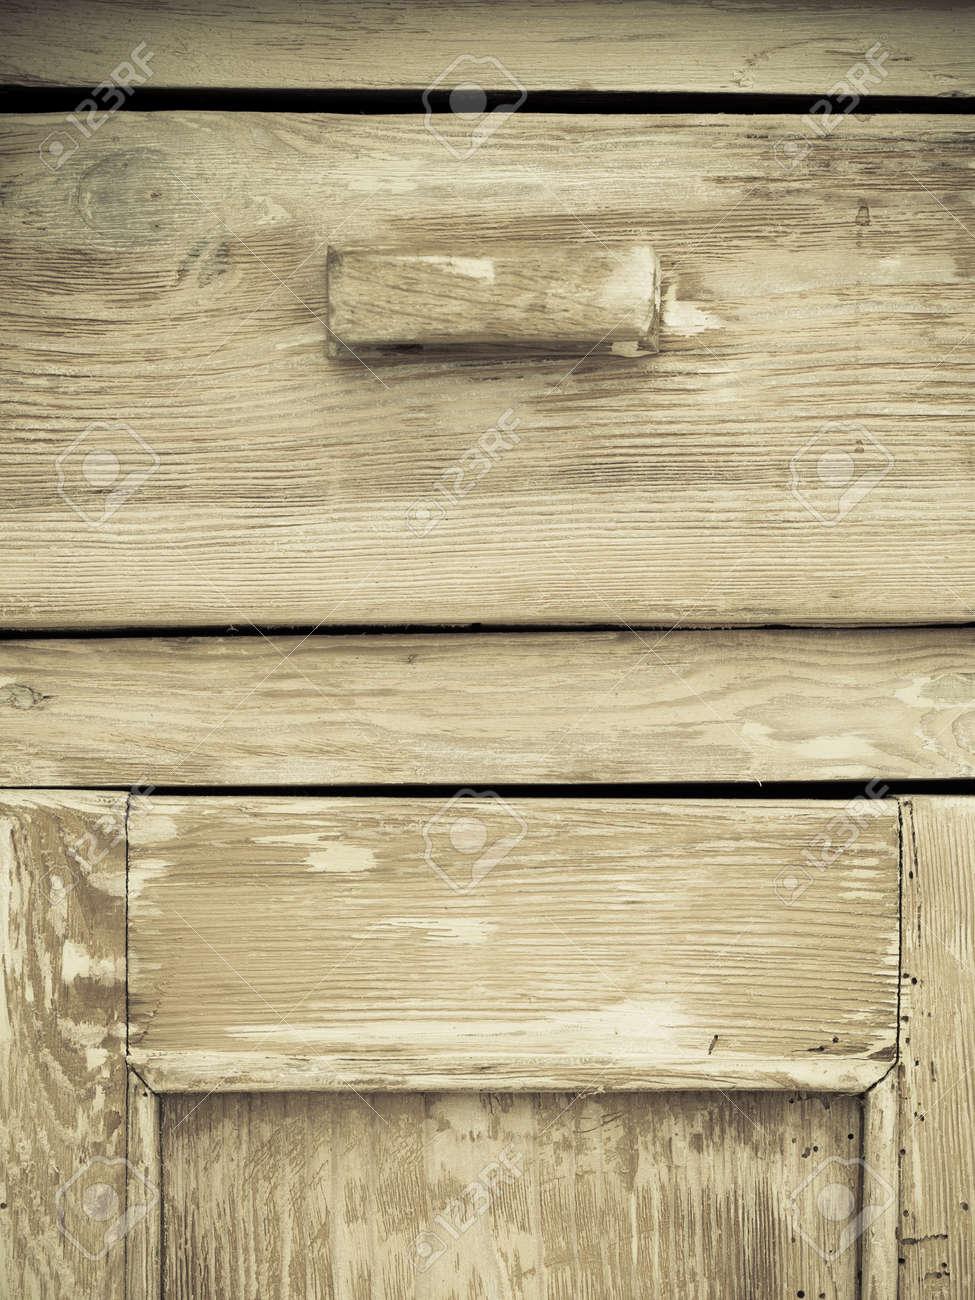 Mobelteil Retro Stil Nahaufnahme Von Vintage Holz Kuchenschrank Oder Schrank Als Hintergrund Lizenzfreie Fotos Bilder Und Stock Fotografie Image 50073810